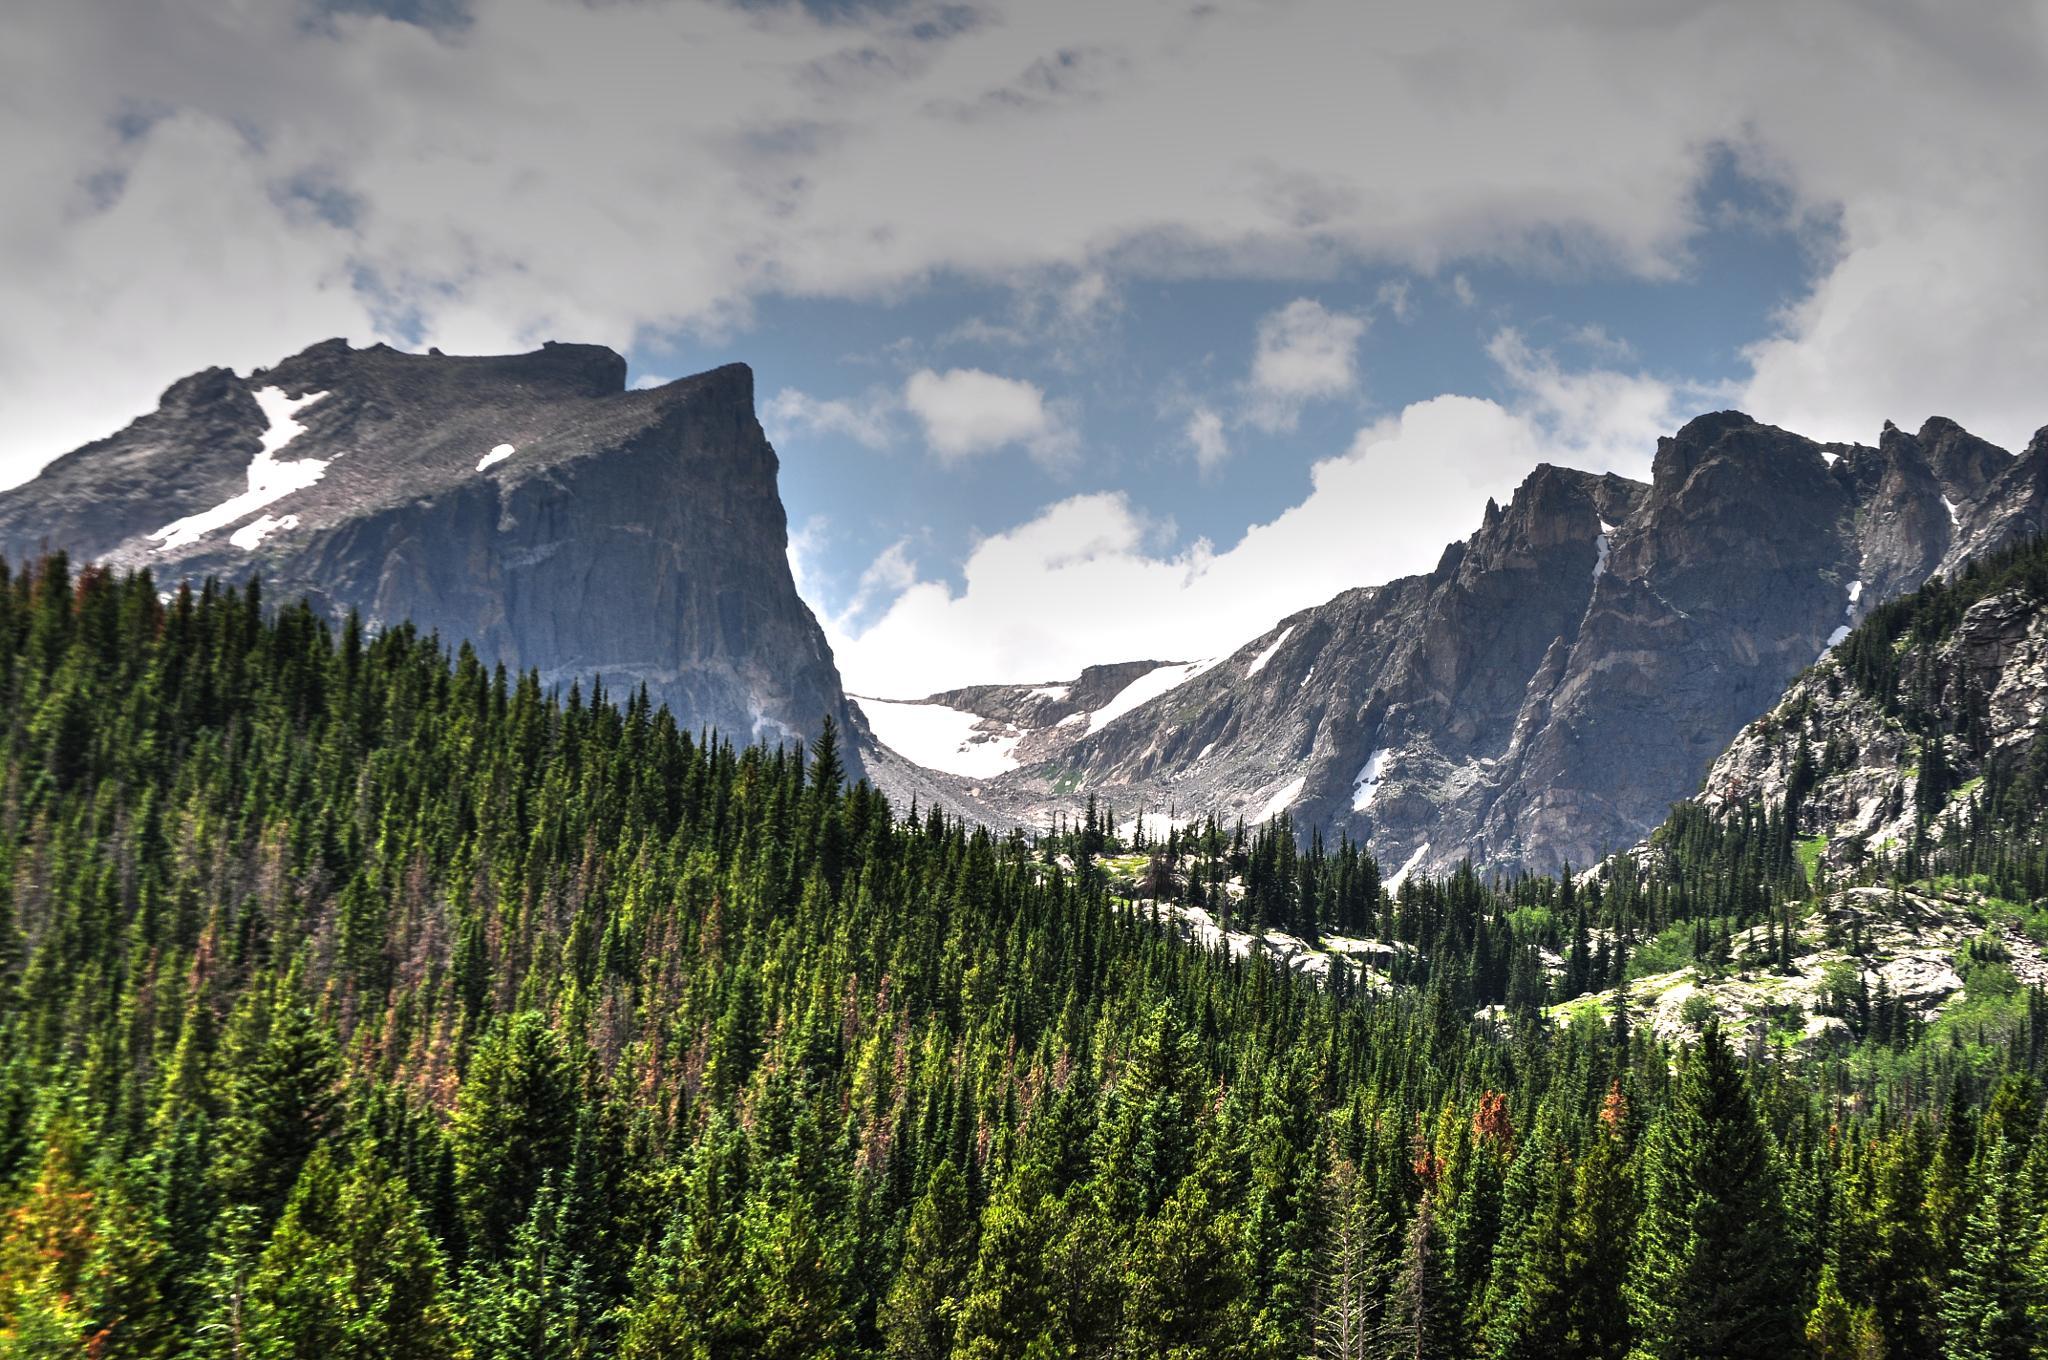 Rockies by Jaime Cantu